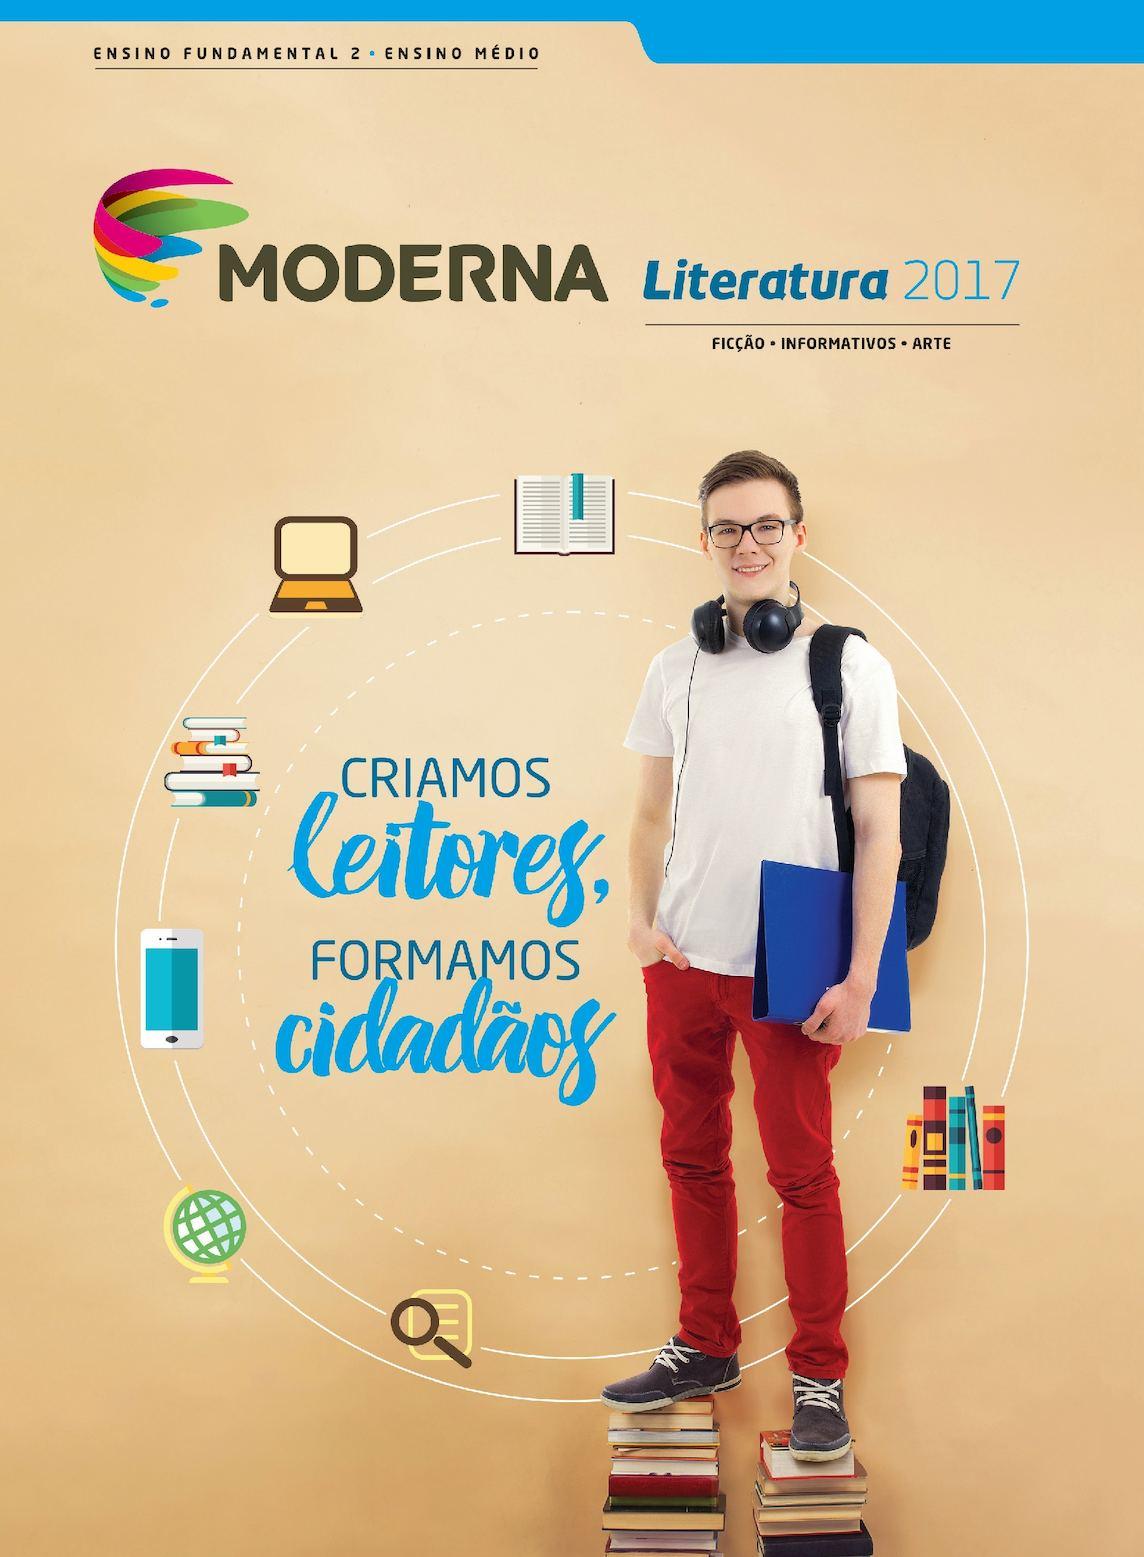 Calaméo - Moderna EF2 Catálogo 2017 aae106edc7a25